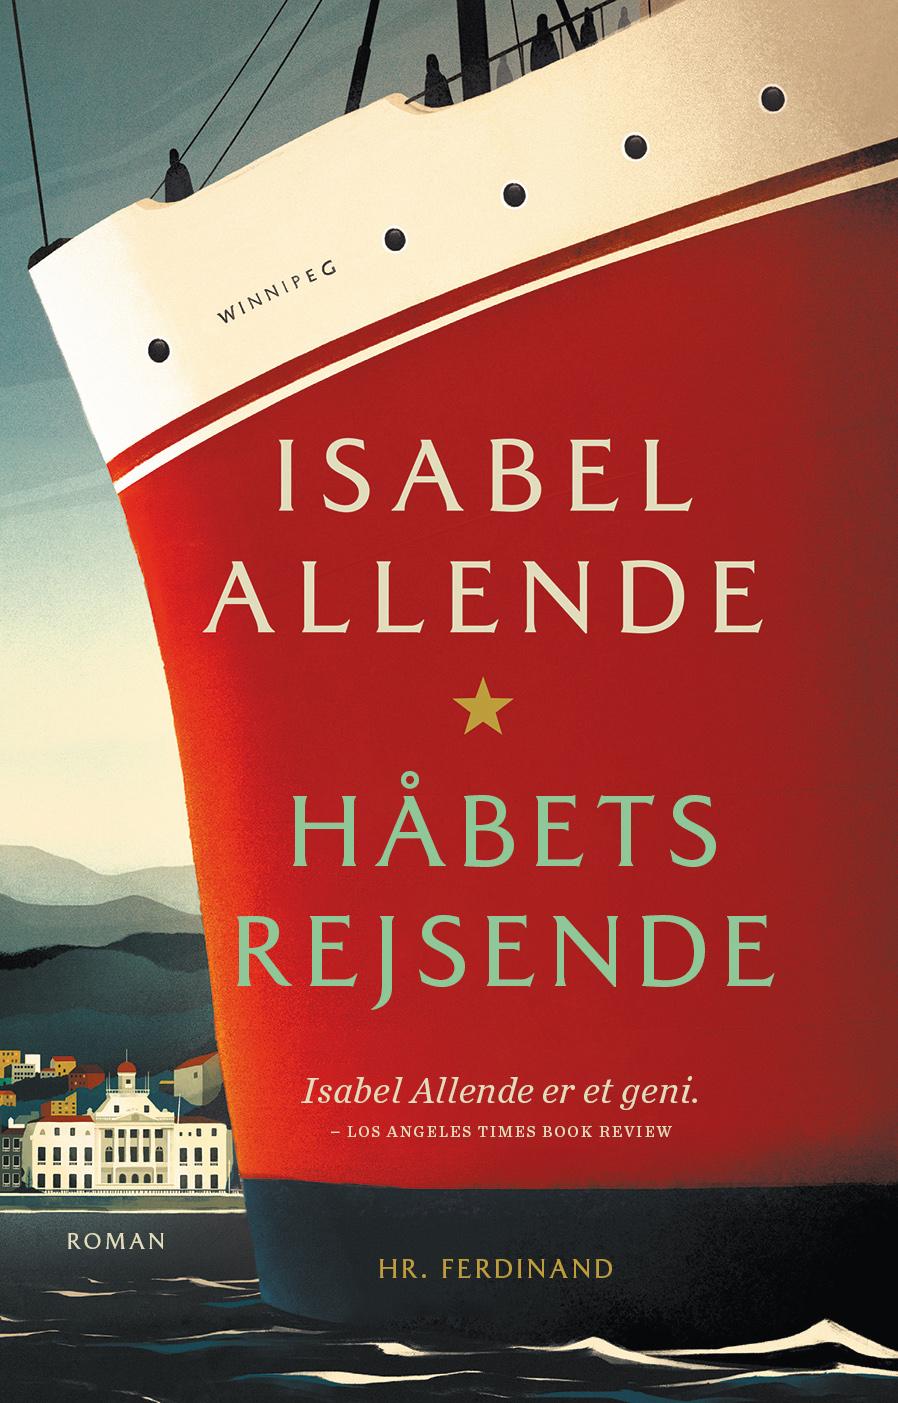 Håbets rejsende - Isabel Allende - Bøger - Hr. Ferdinand - 9788740064308 - 9/10-2020